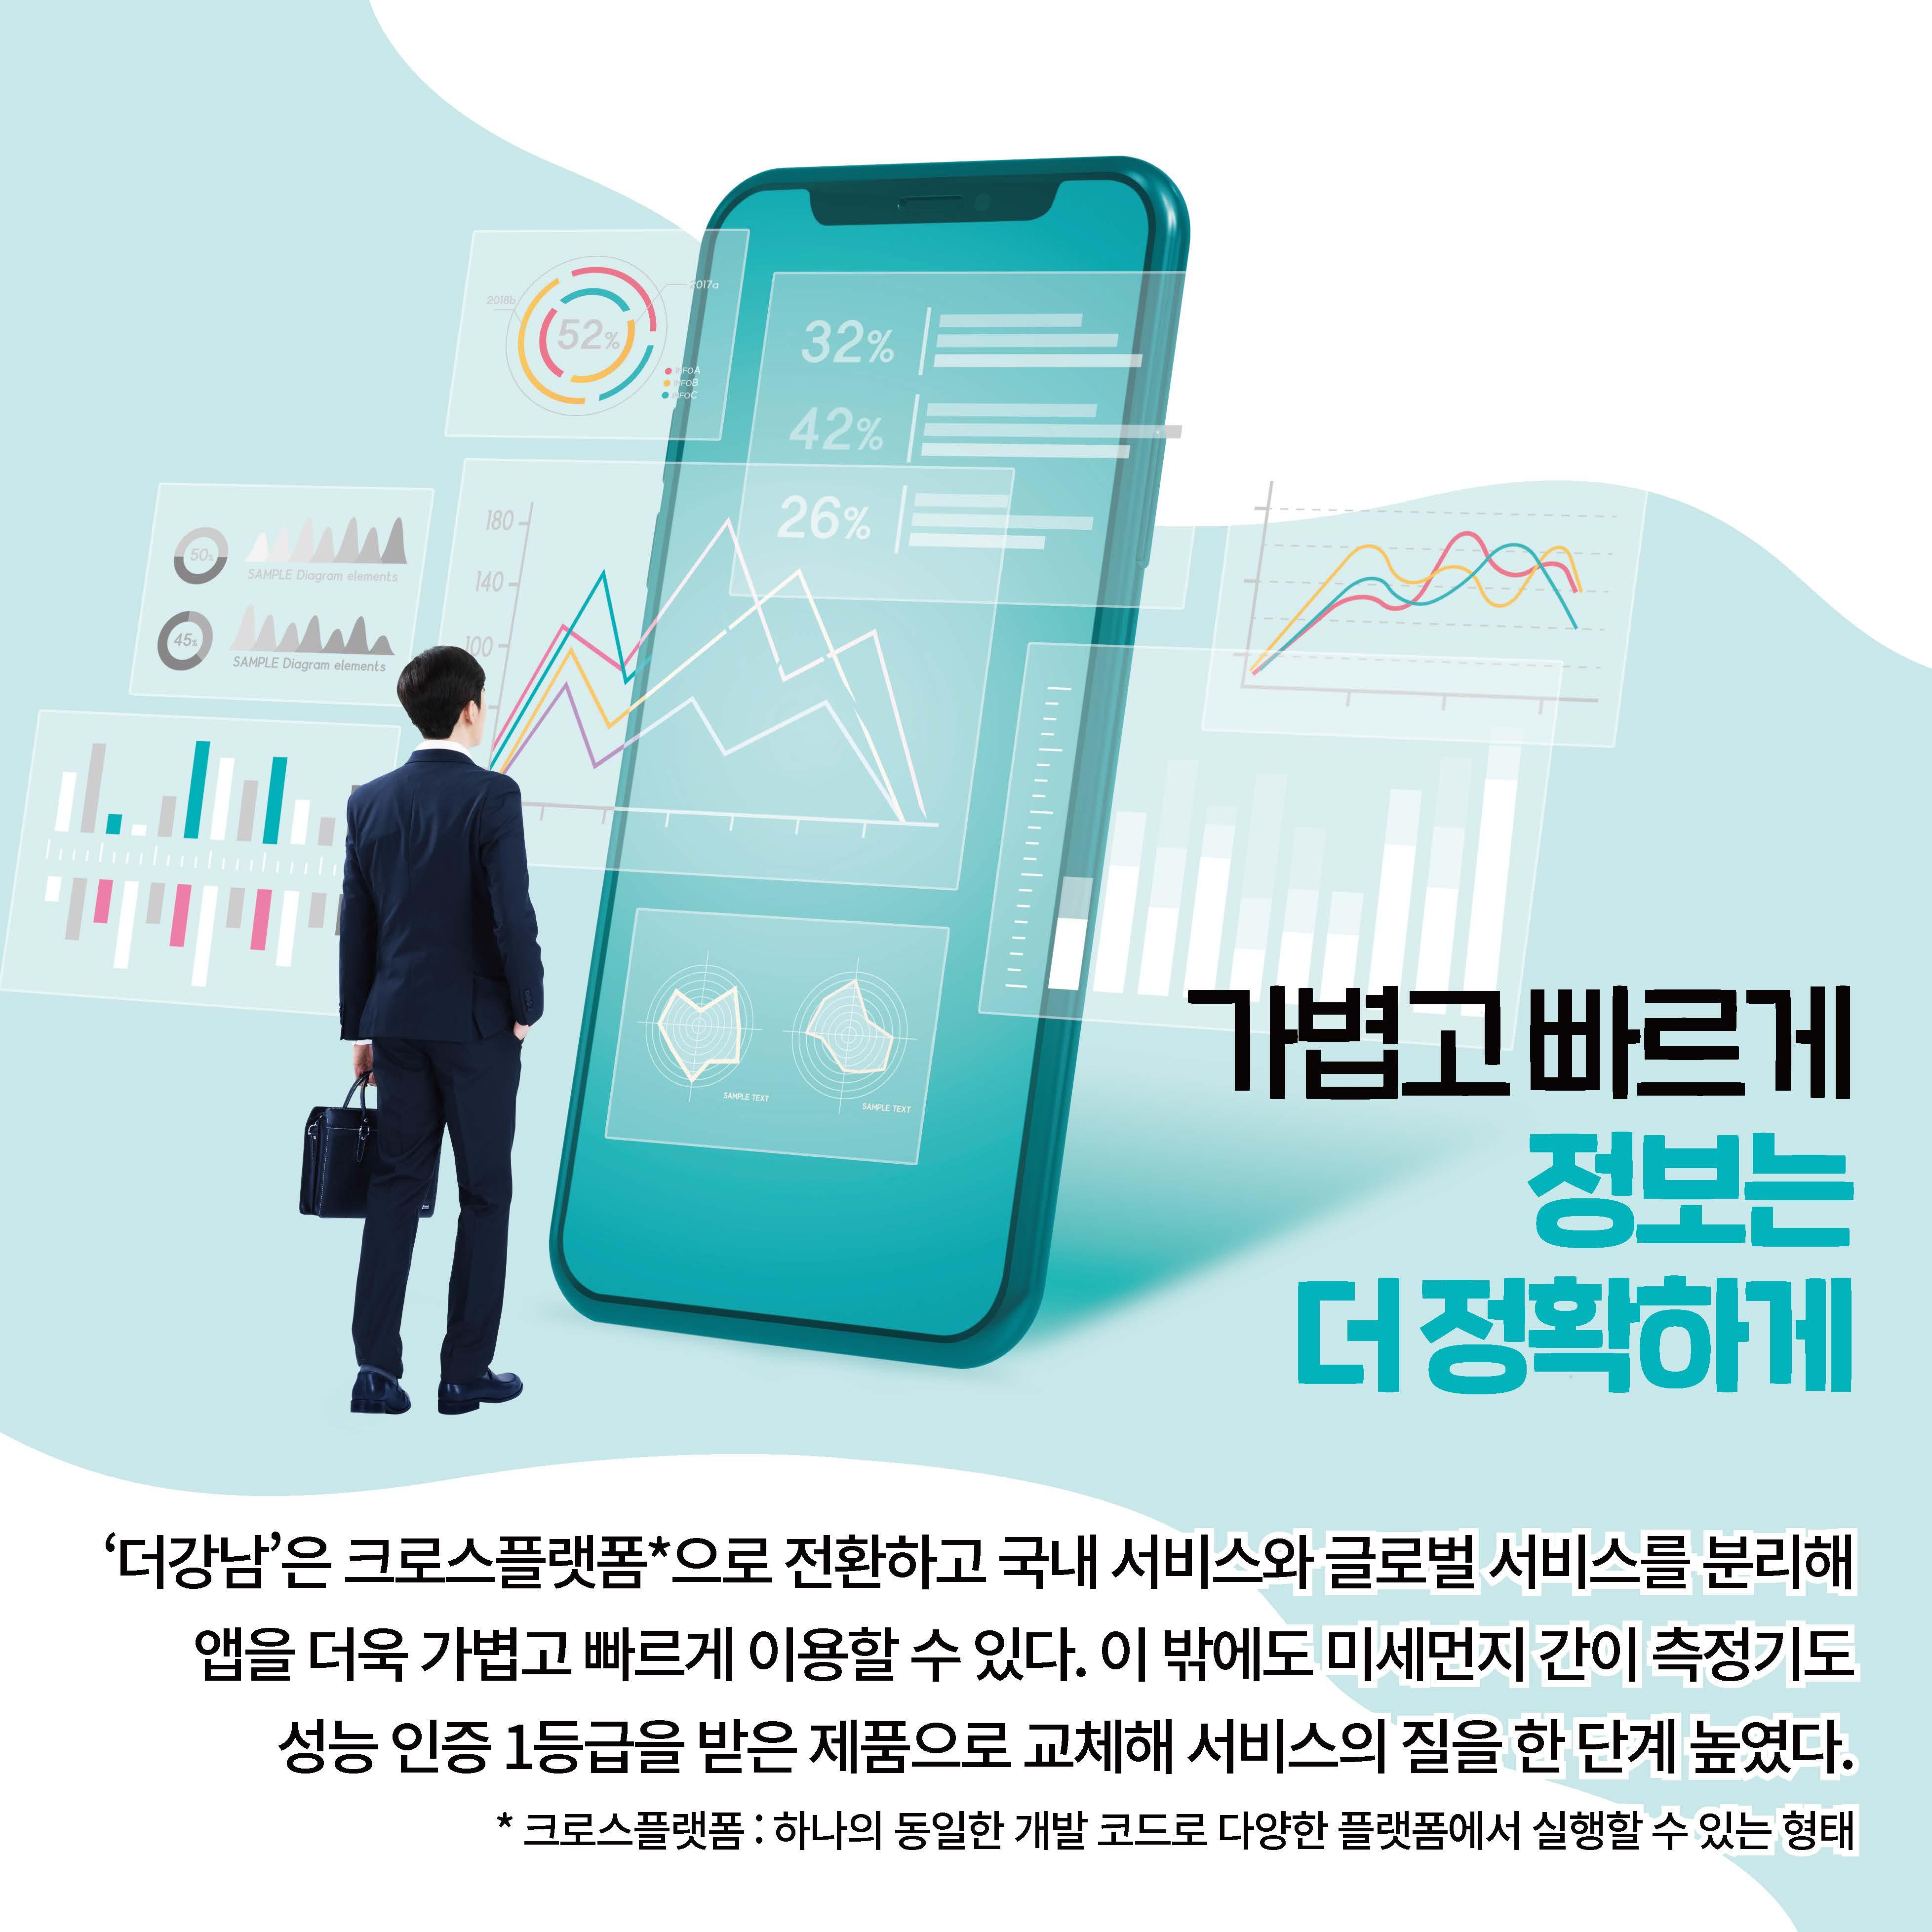 가볍고 빠르게 정보는 더 정확하게 '더강남'은 크로스플랫폼*으로 전환하고 국내 서비스와 글로벌 서비스를 분리해 앱을 더욱 가볍고 빠르게 이용할 수 있다. 이 밖에도 미세먼지 간이 측정기도 성능 인증 1등급을 받은 제품으로 교체해 서비스의 질을 한 단계 높였다.* 크로스플랫폼 : 하나의 동일한 개발 코드로 다양한 플랫폼에서 실행할 수 있는 형태